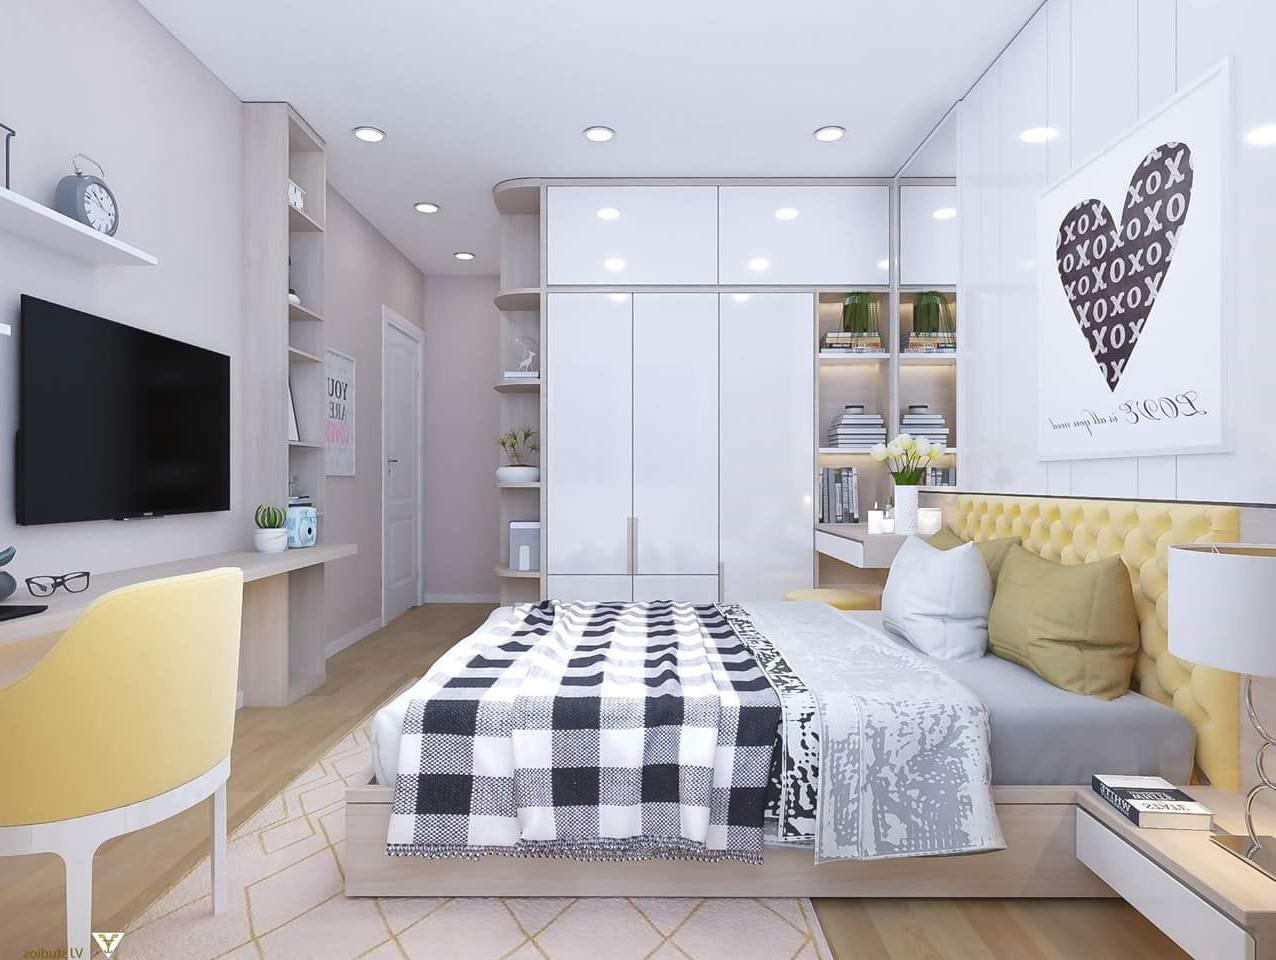 chi phí sơn nhà chung cư 1